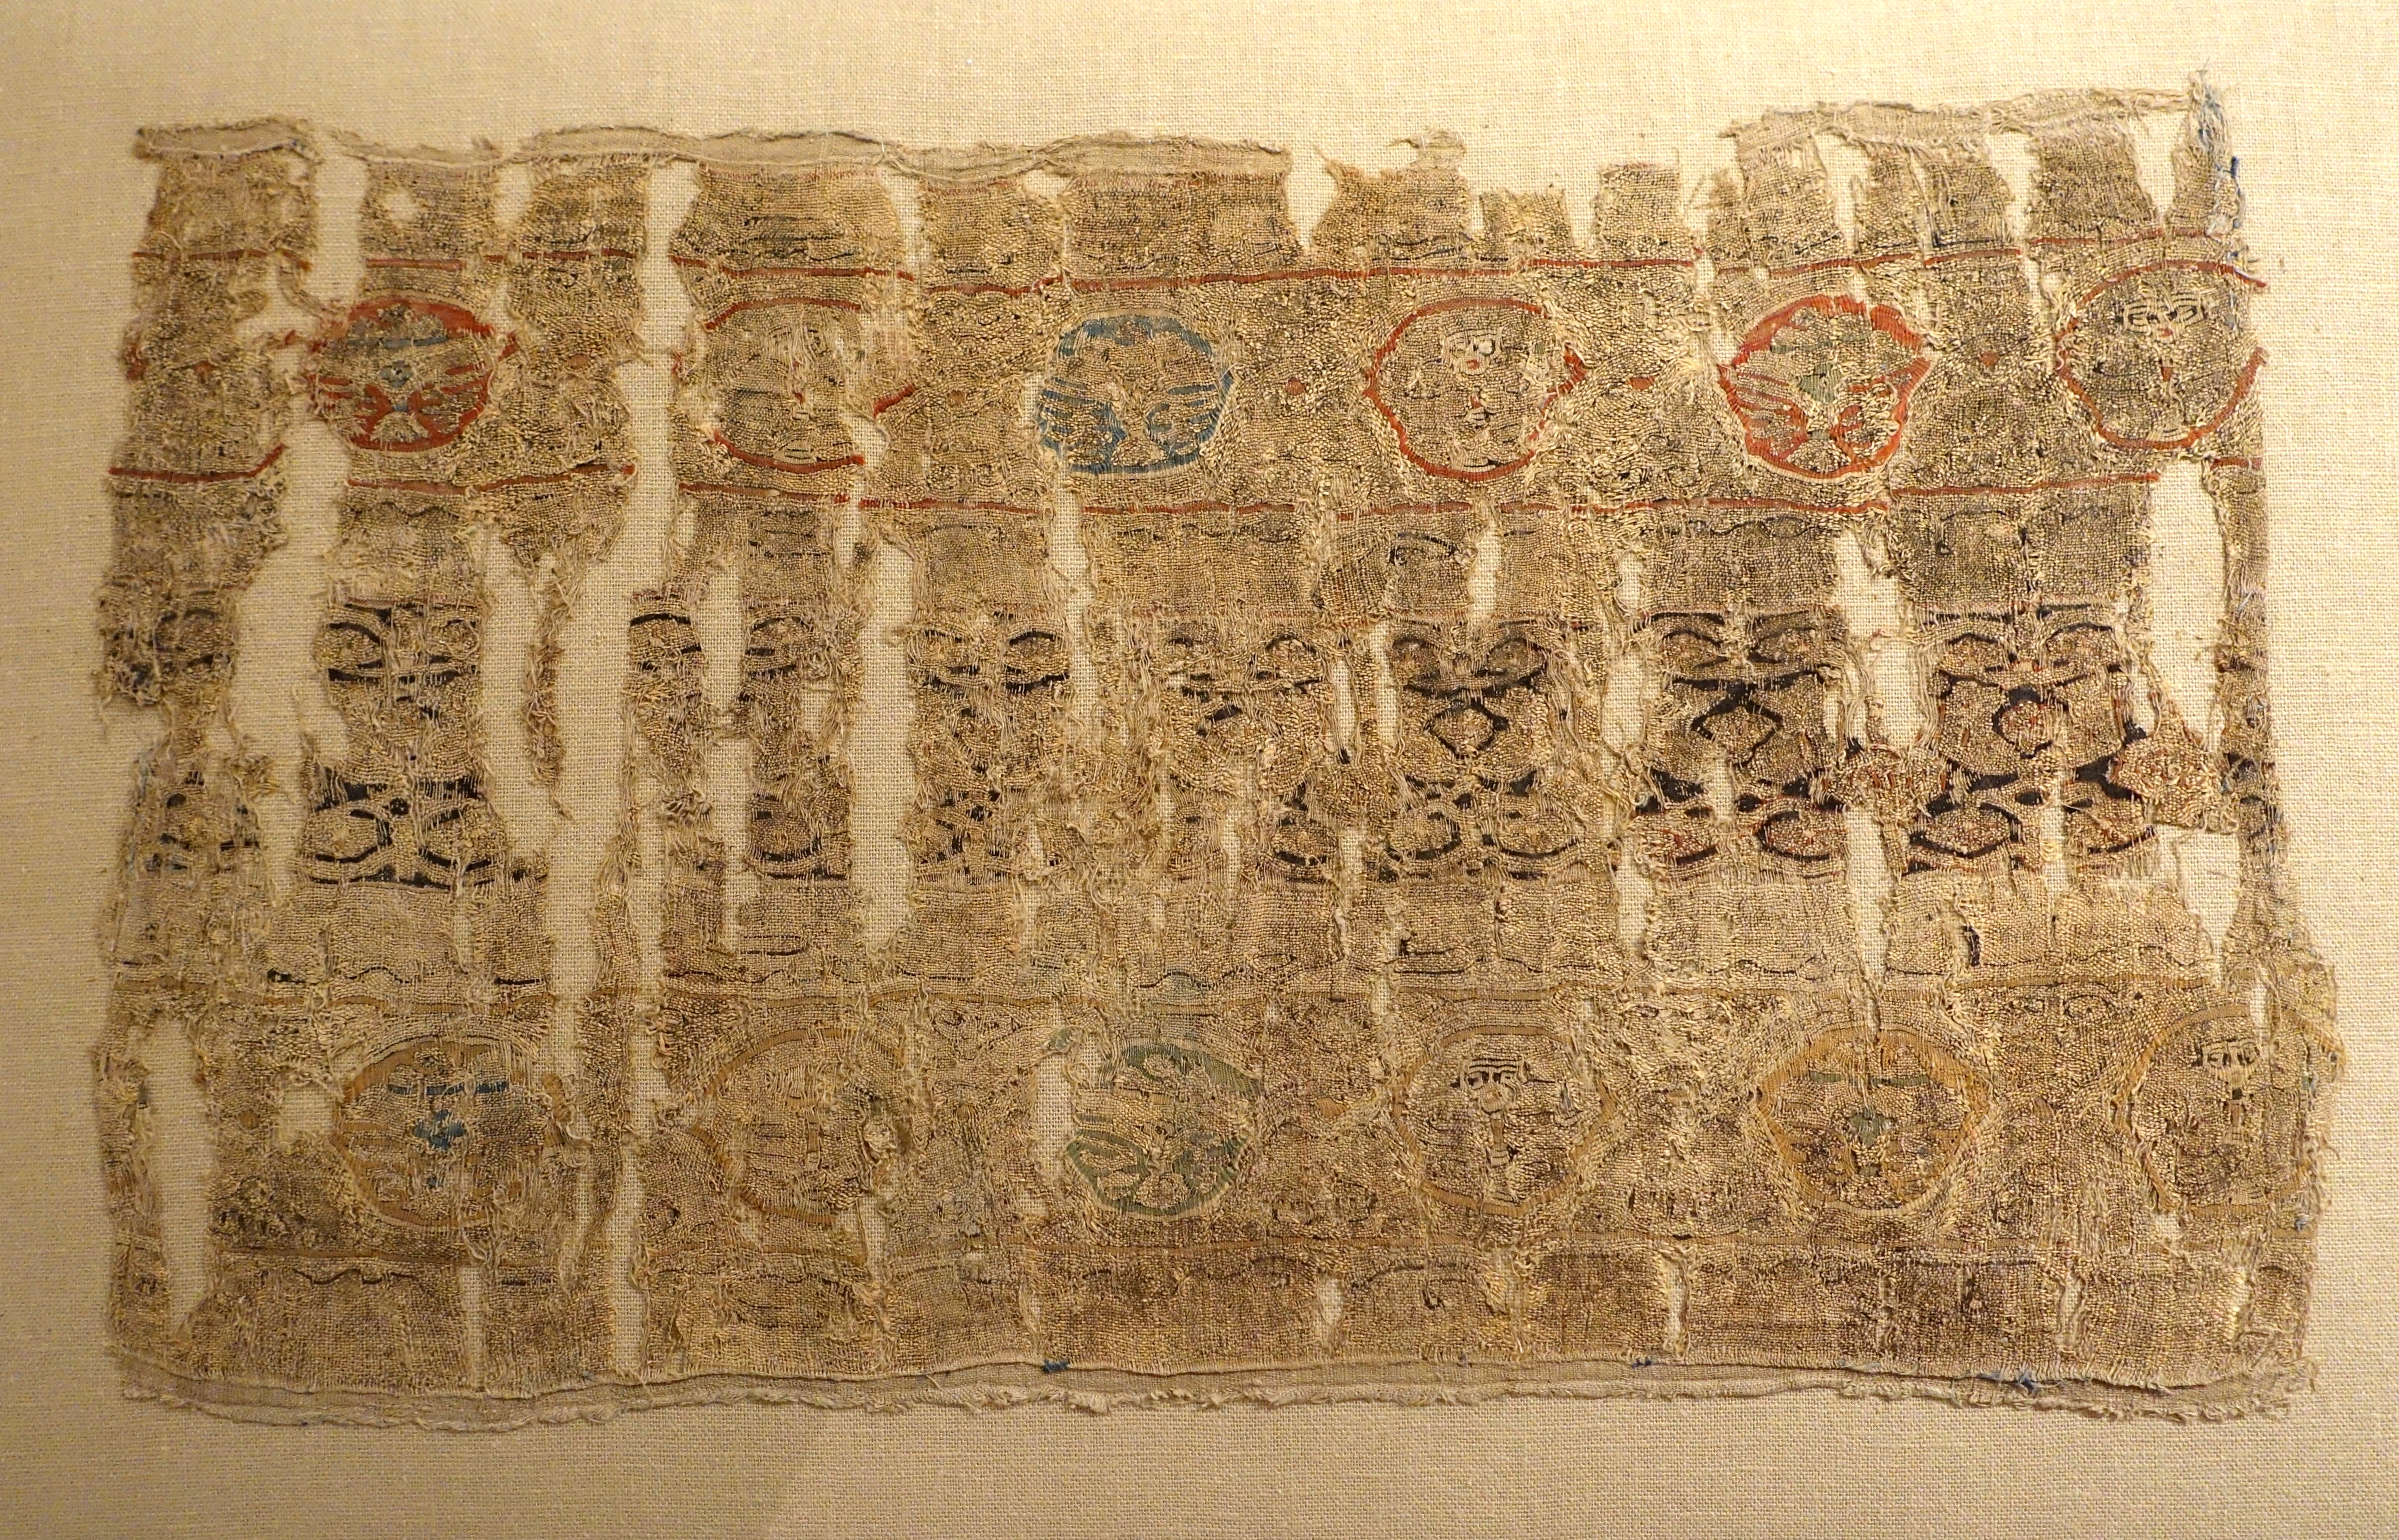 File:Tiraz textile, Egypt, 11th to 12th century AD, linen